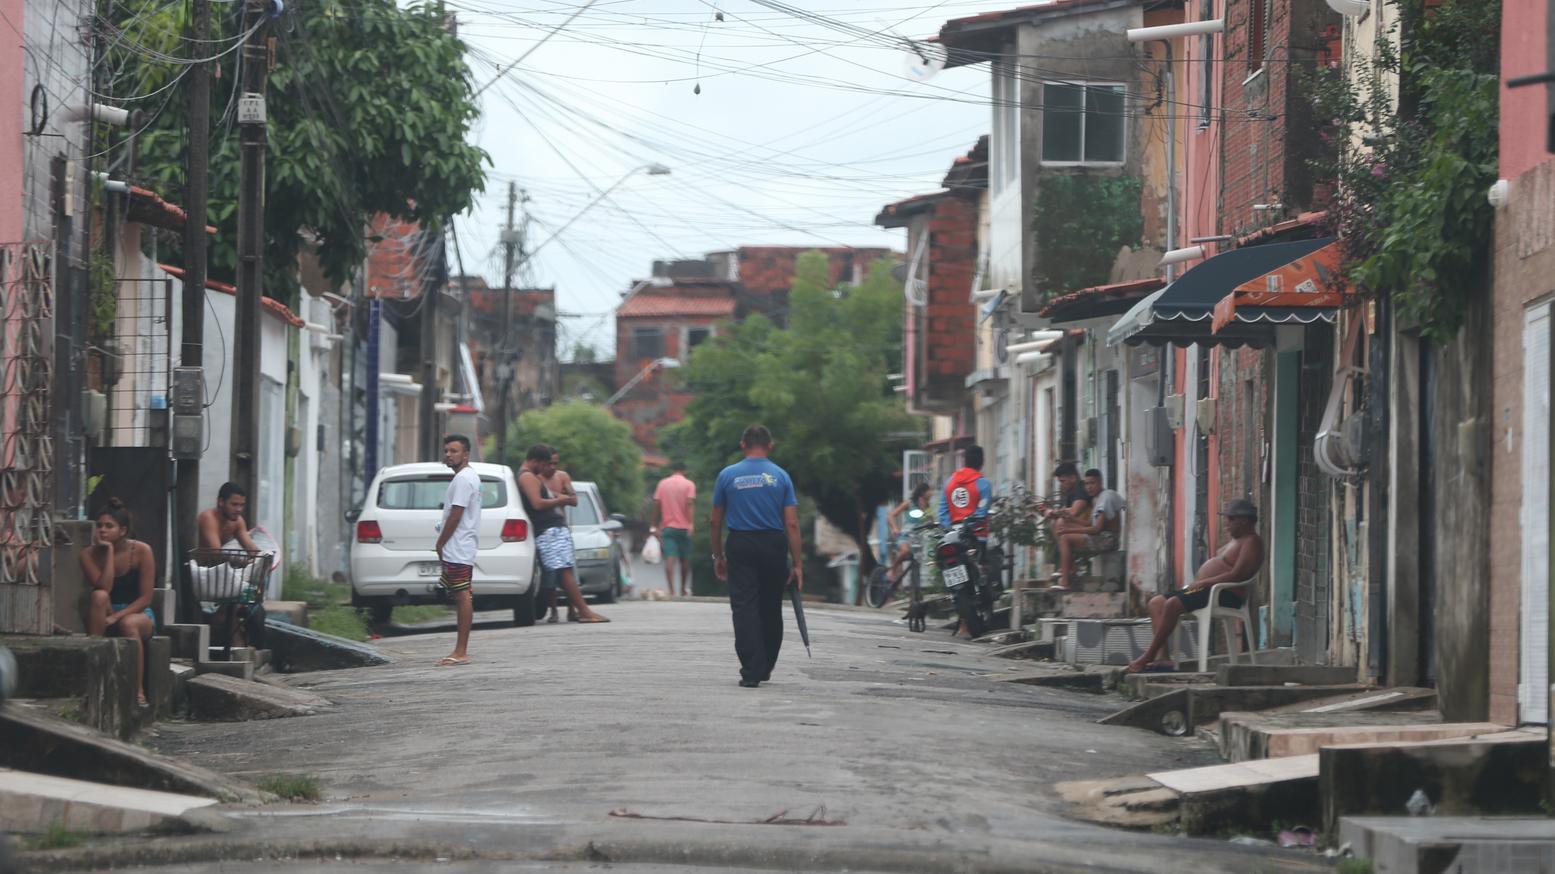 Terminais de ônibus foram pontos de transmissão da COVID-19 para a periferia de Fortaleza